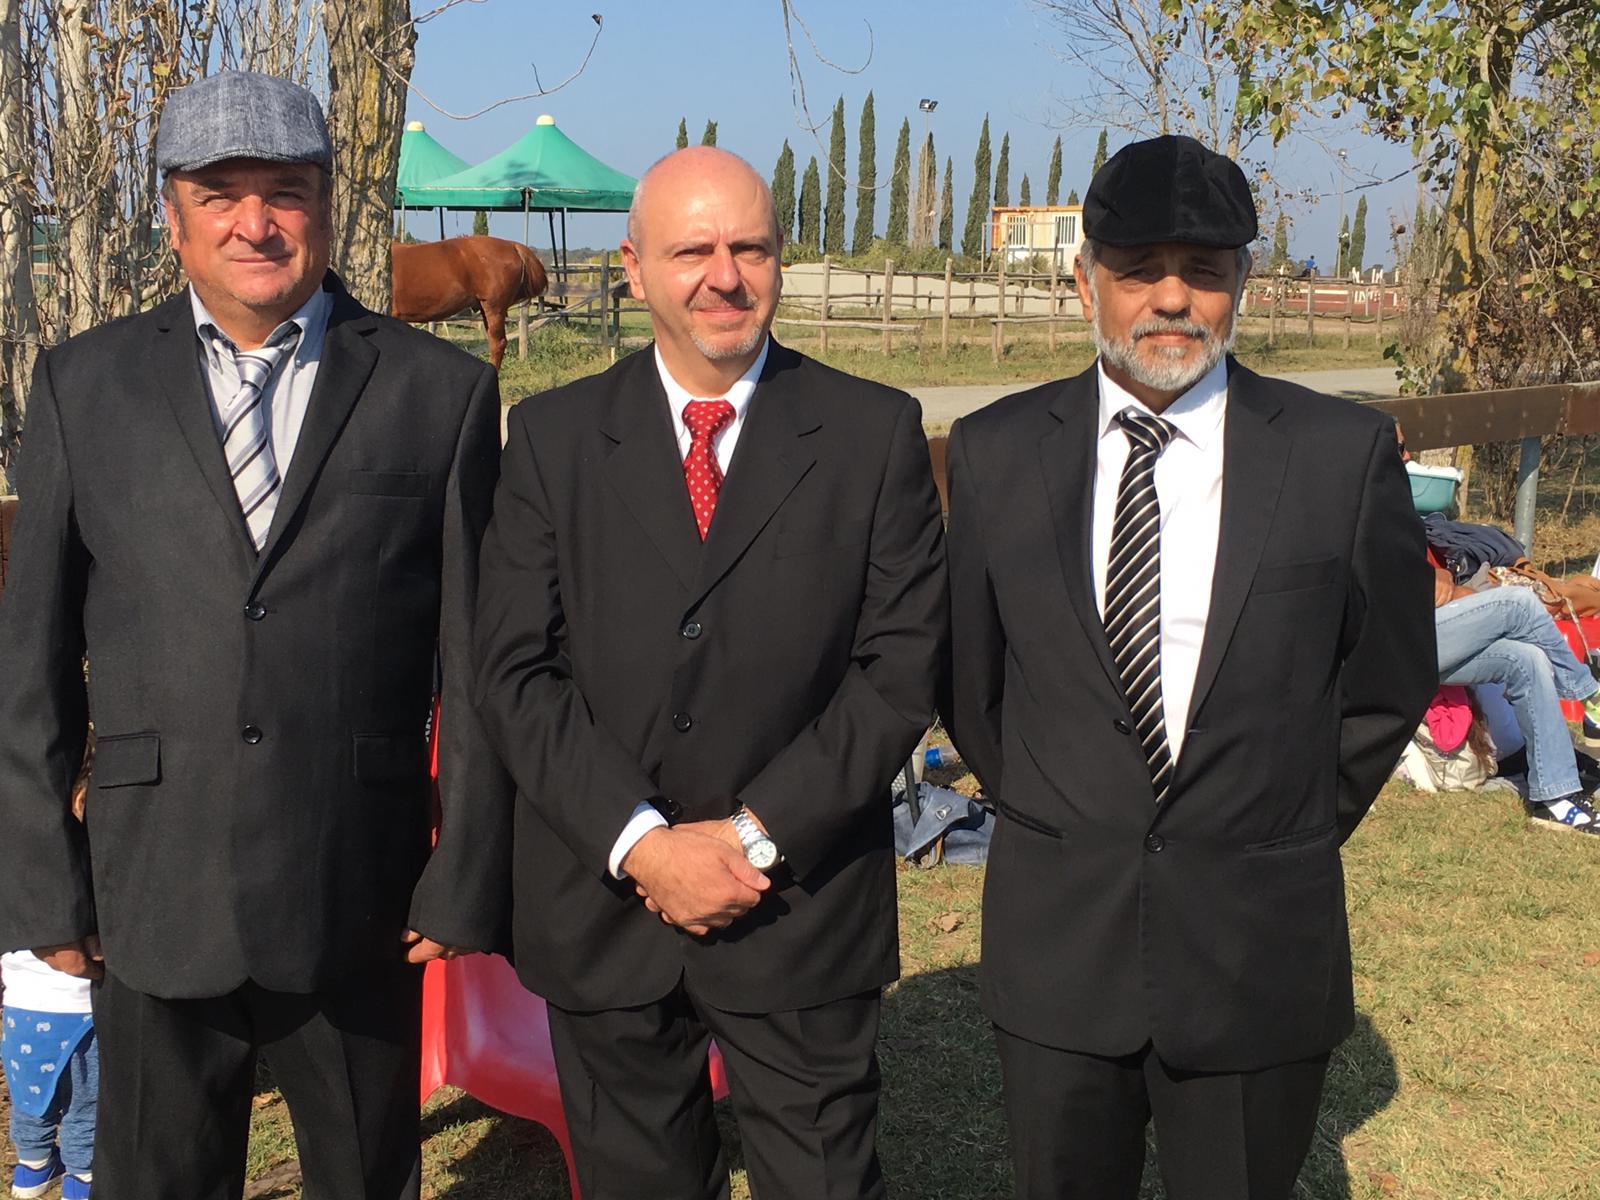 Fabio, Gianni, Daniele